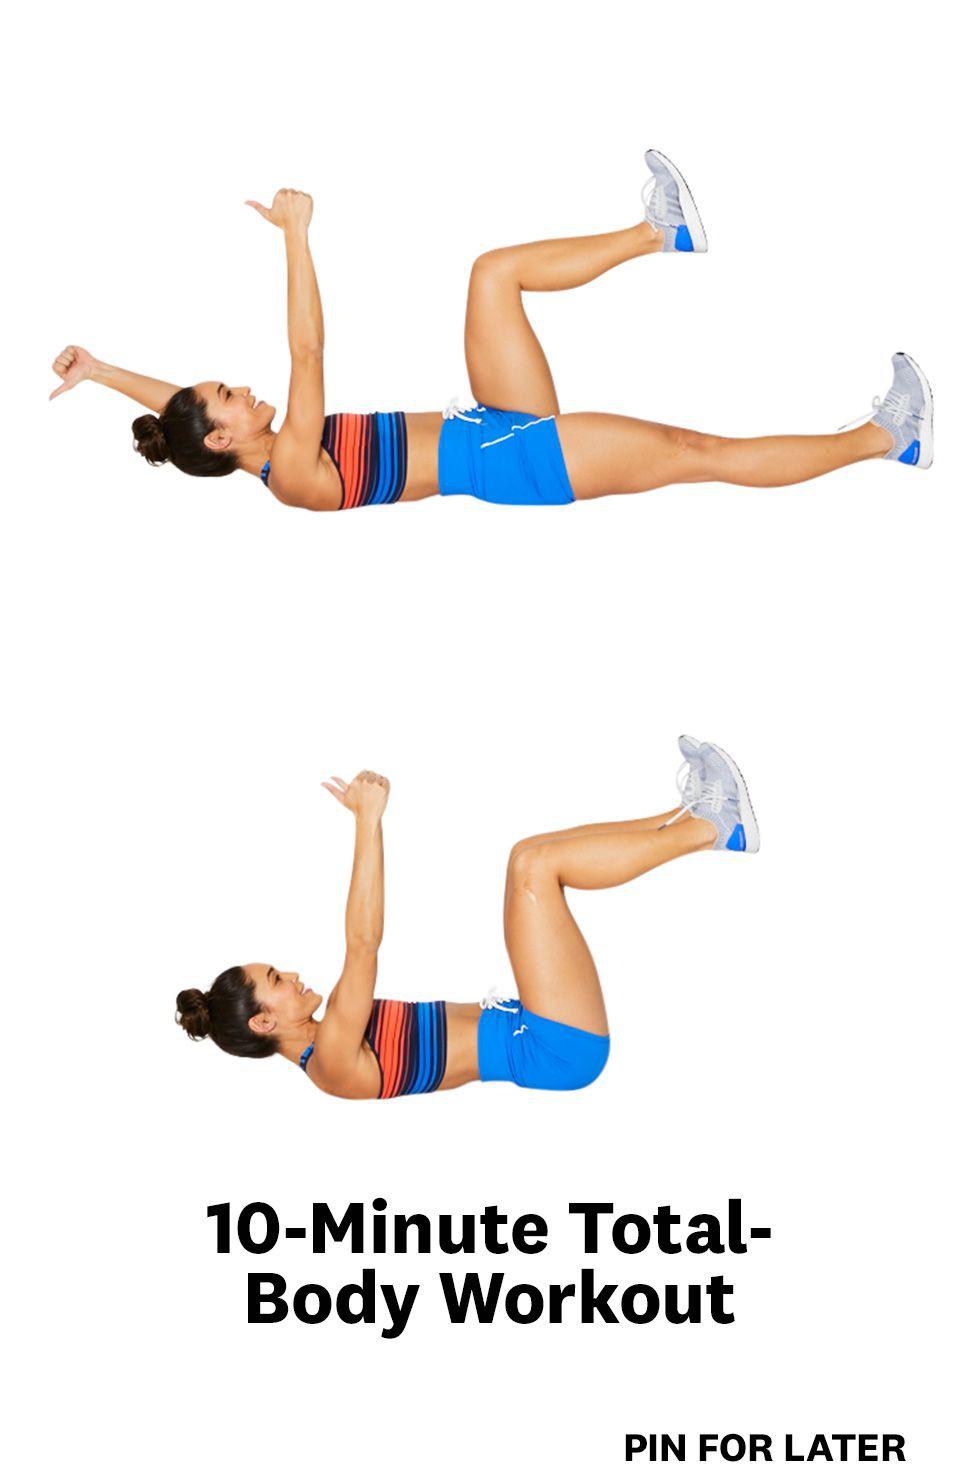 Thon gọn toàn thân chỉ bằng 10 phút mỗi ngày với các bài tập này - Ảnh 1.